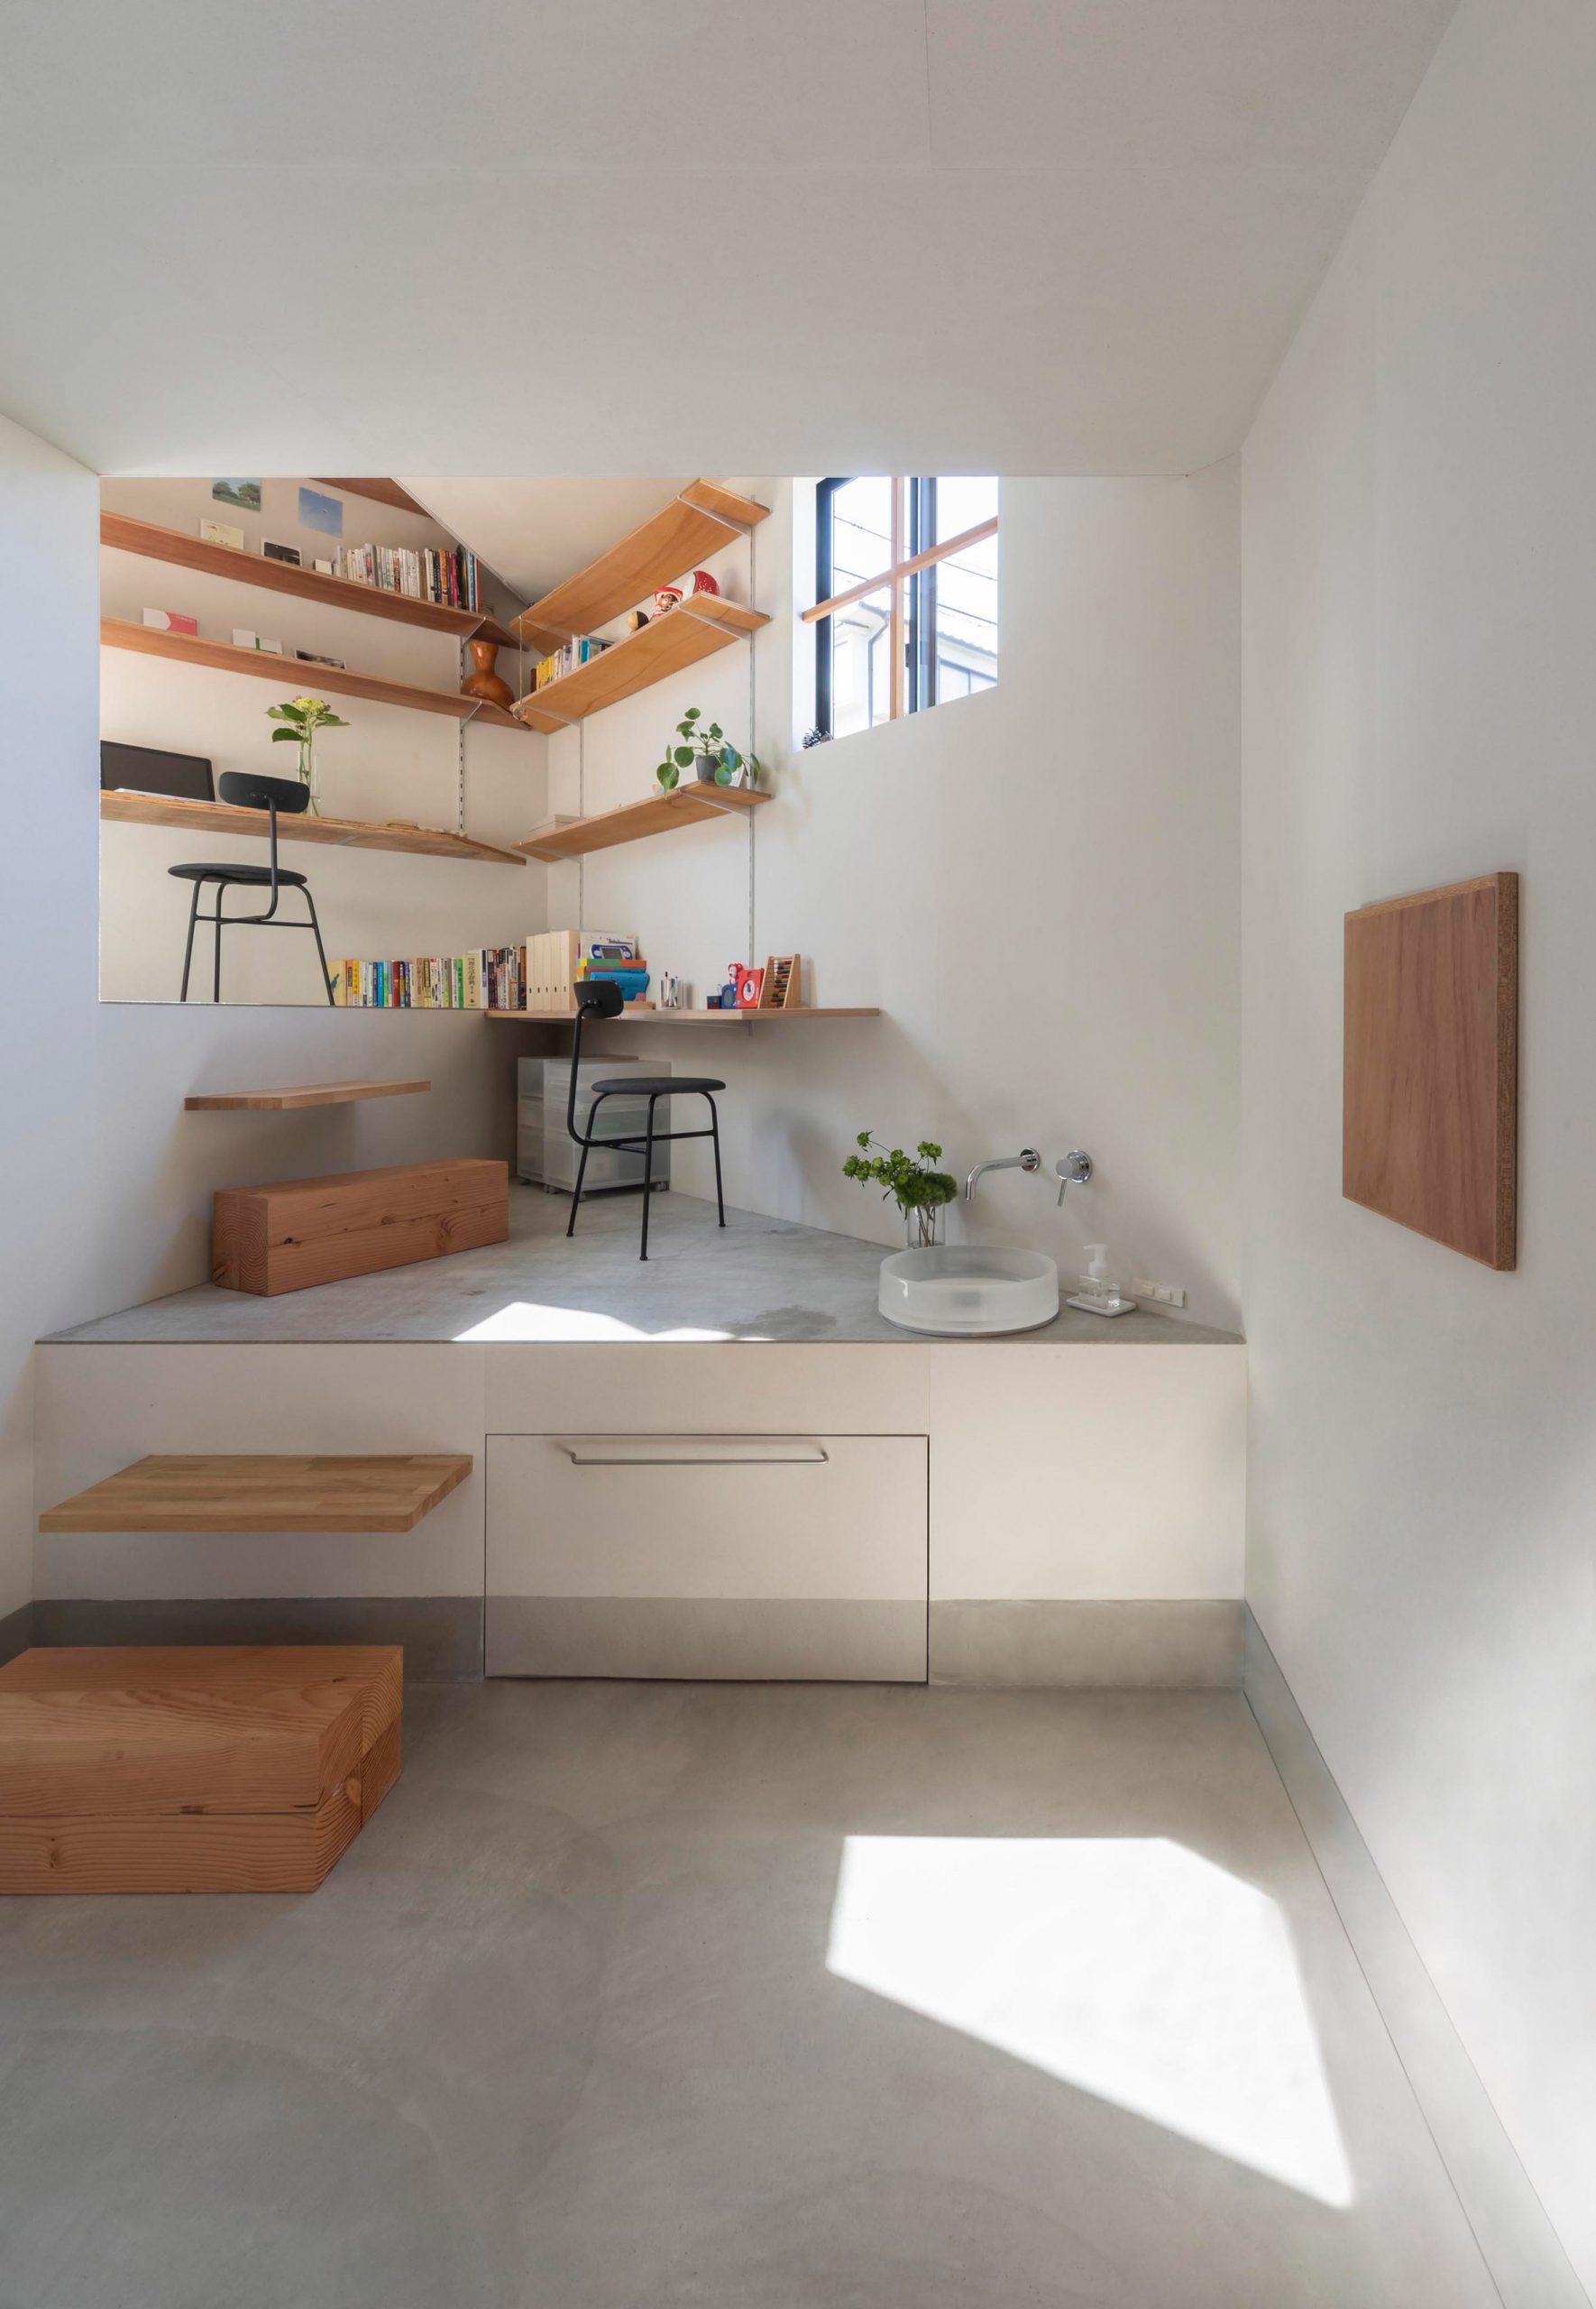 Thiết kế nội thất căn hộ nhỏ 11